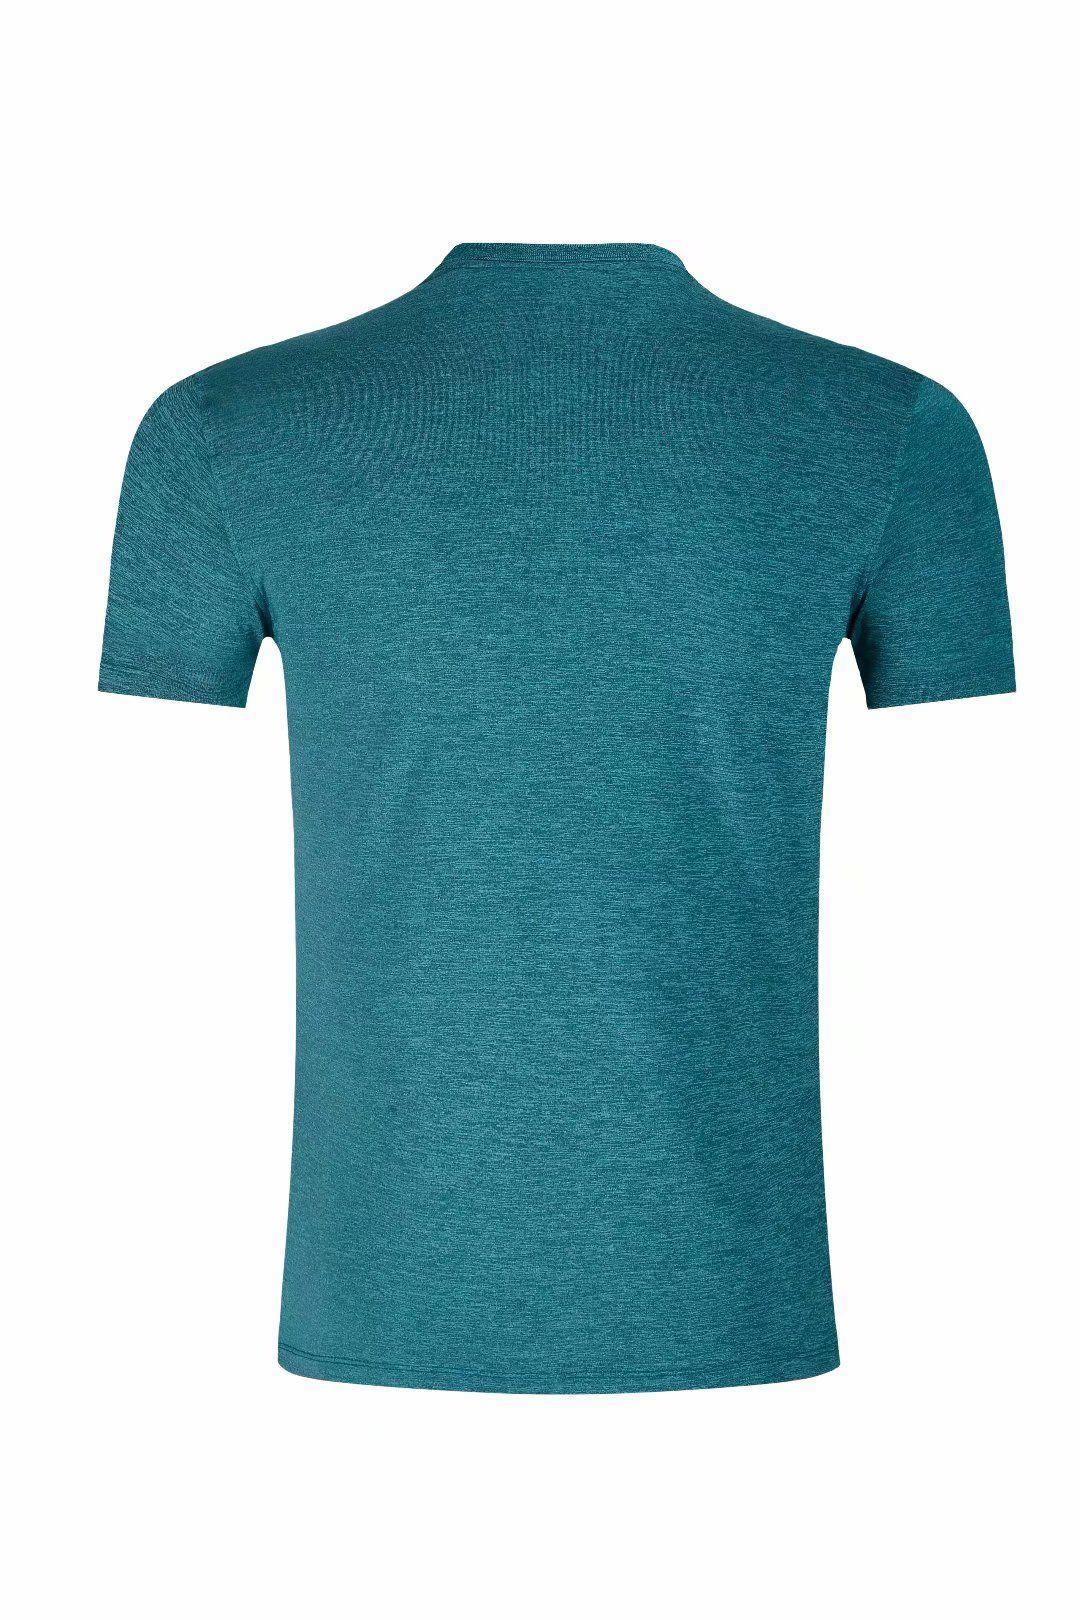 Sunjie080035 Jerseys de football T-shirt Noir Adulte Service Personnalisé Service personnalisé Services personnalisés School Toute Toute Chemises de football Club